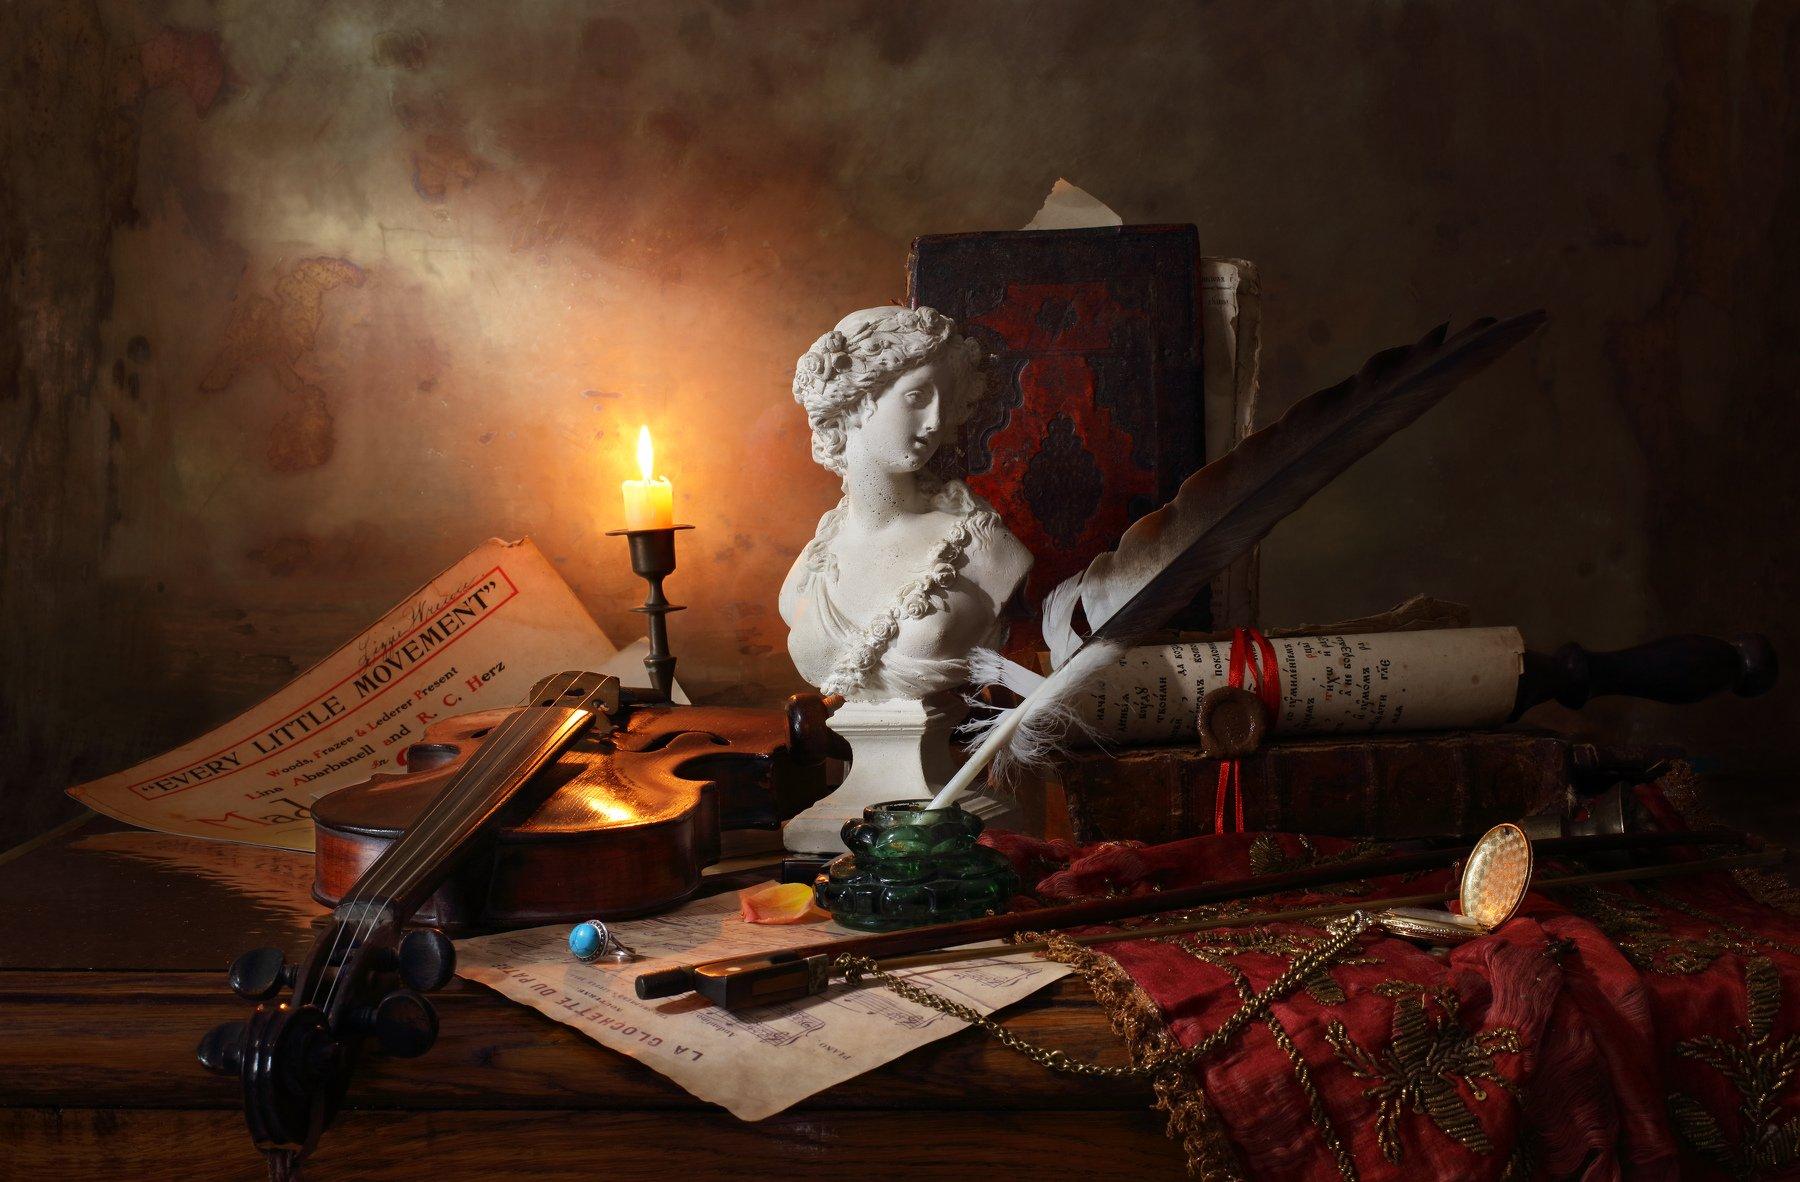 скрипка, музыка, свеча, бюст, девушка, книги, история, Андрей Морозов